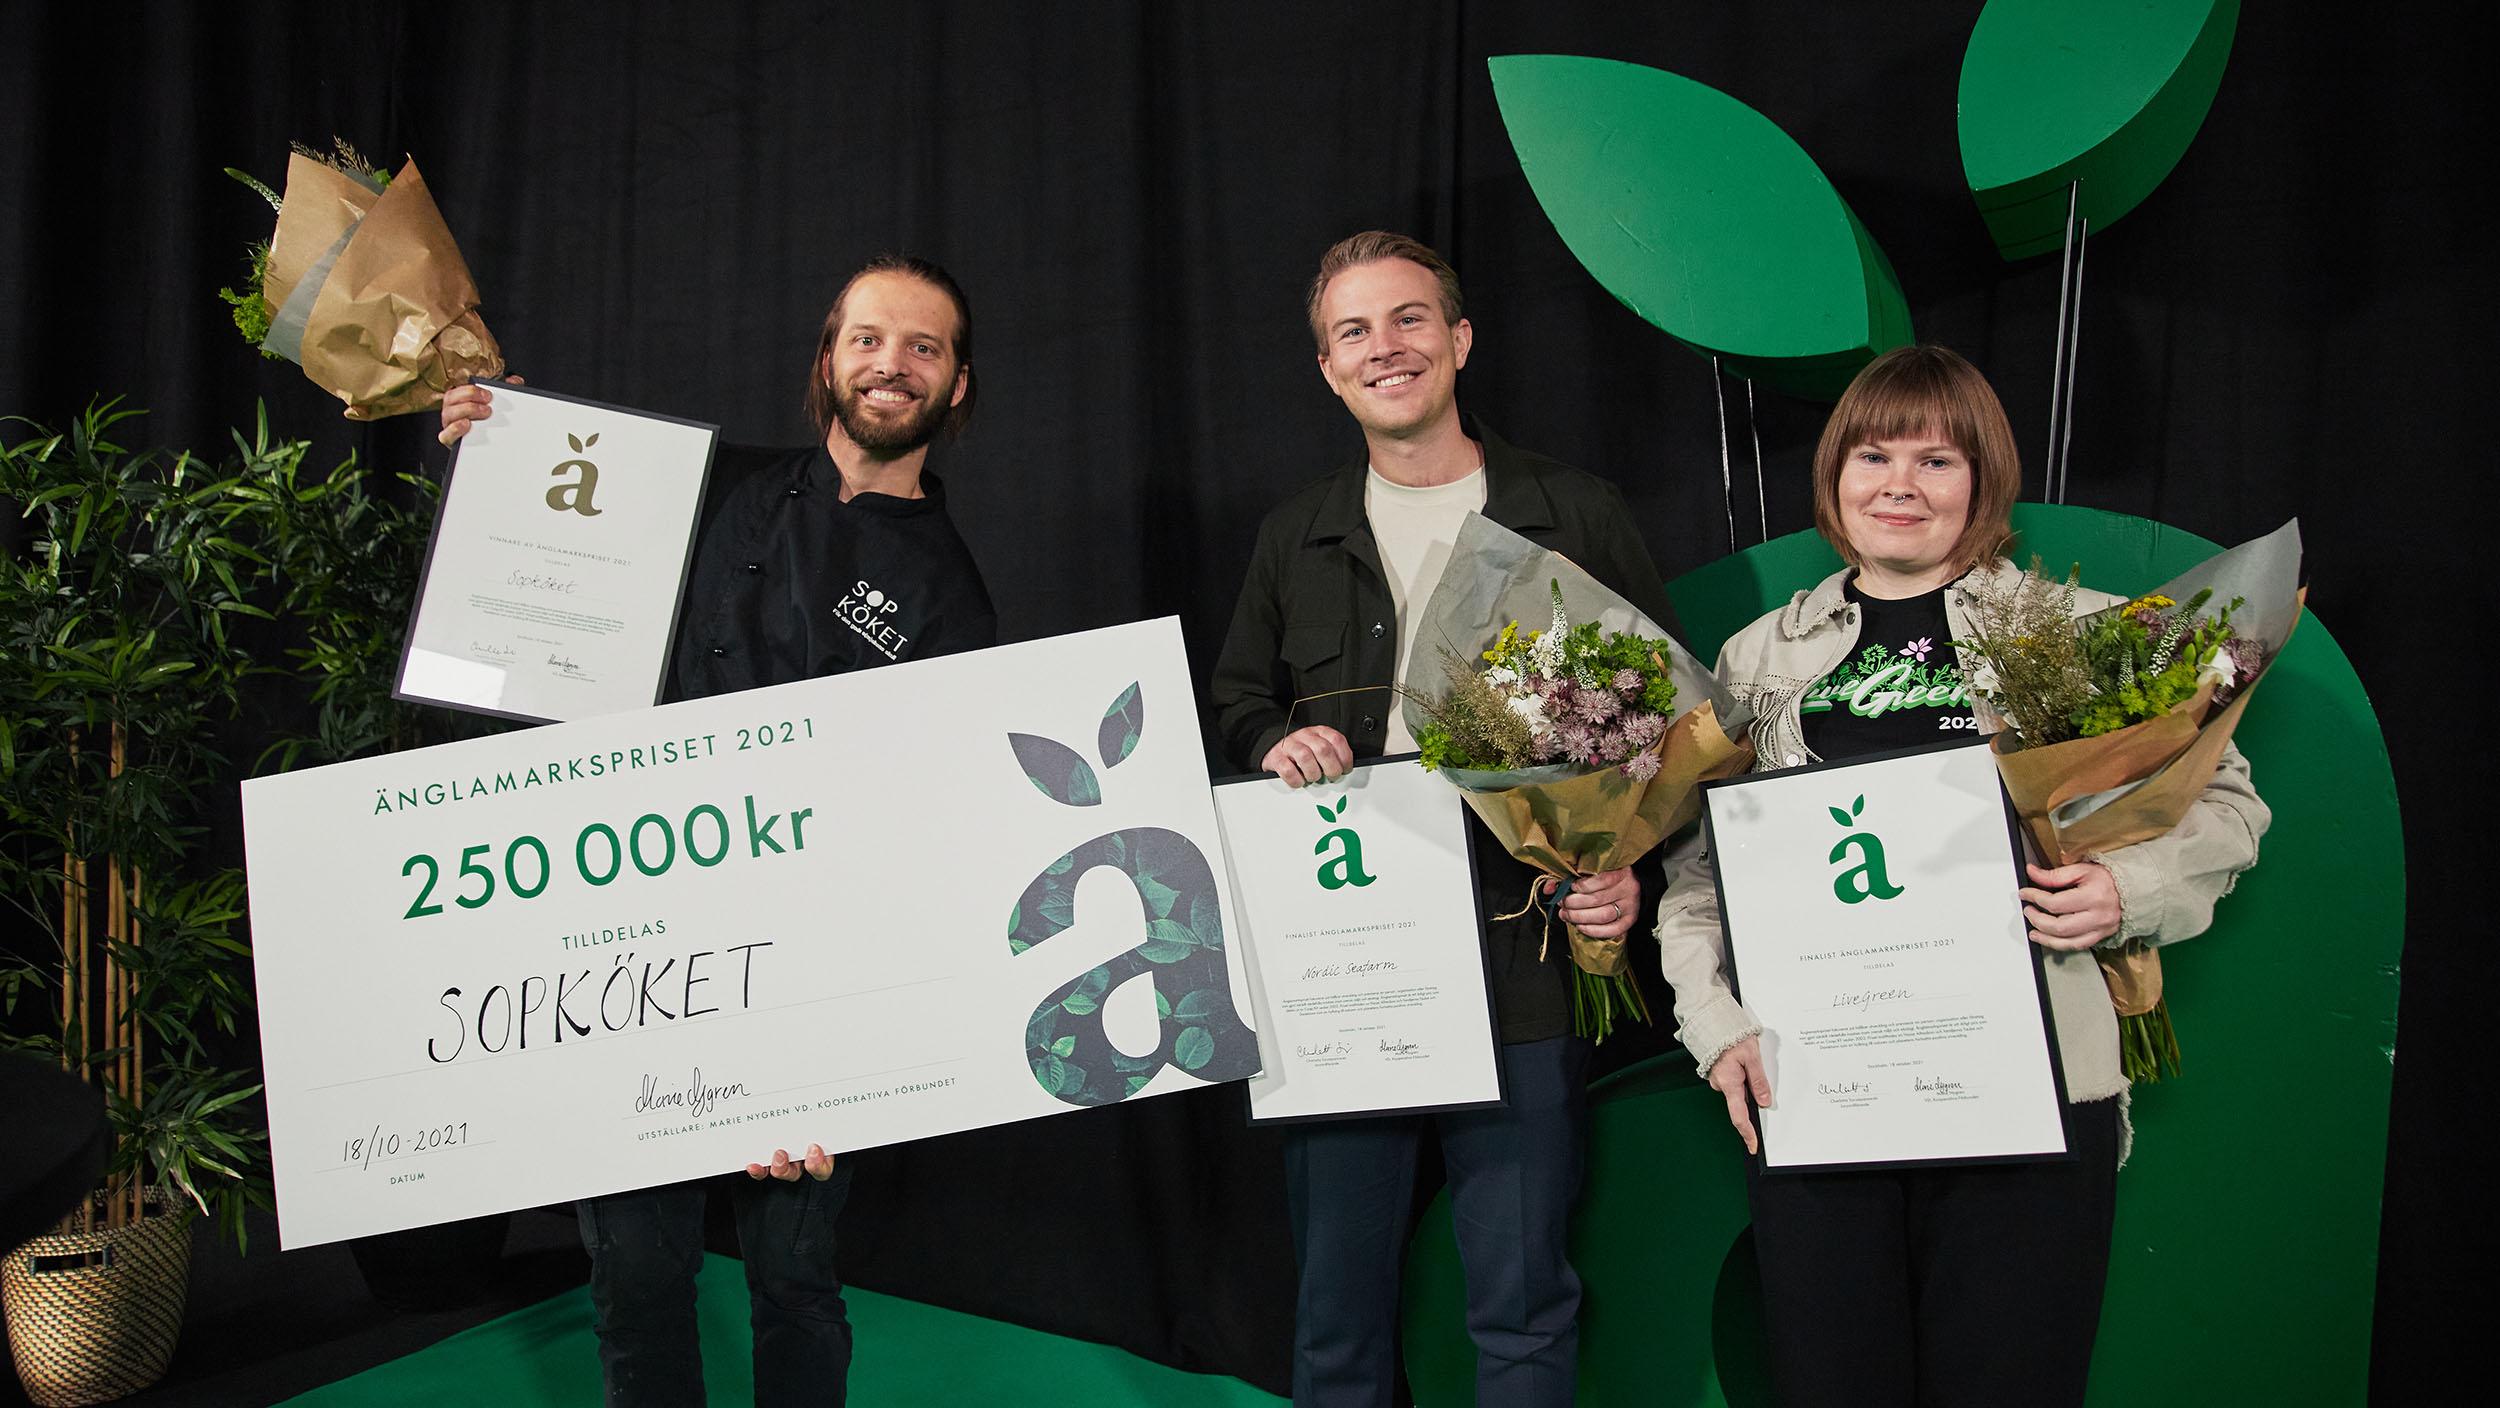 Sopköket vinner Änglamarkspriset 2021